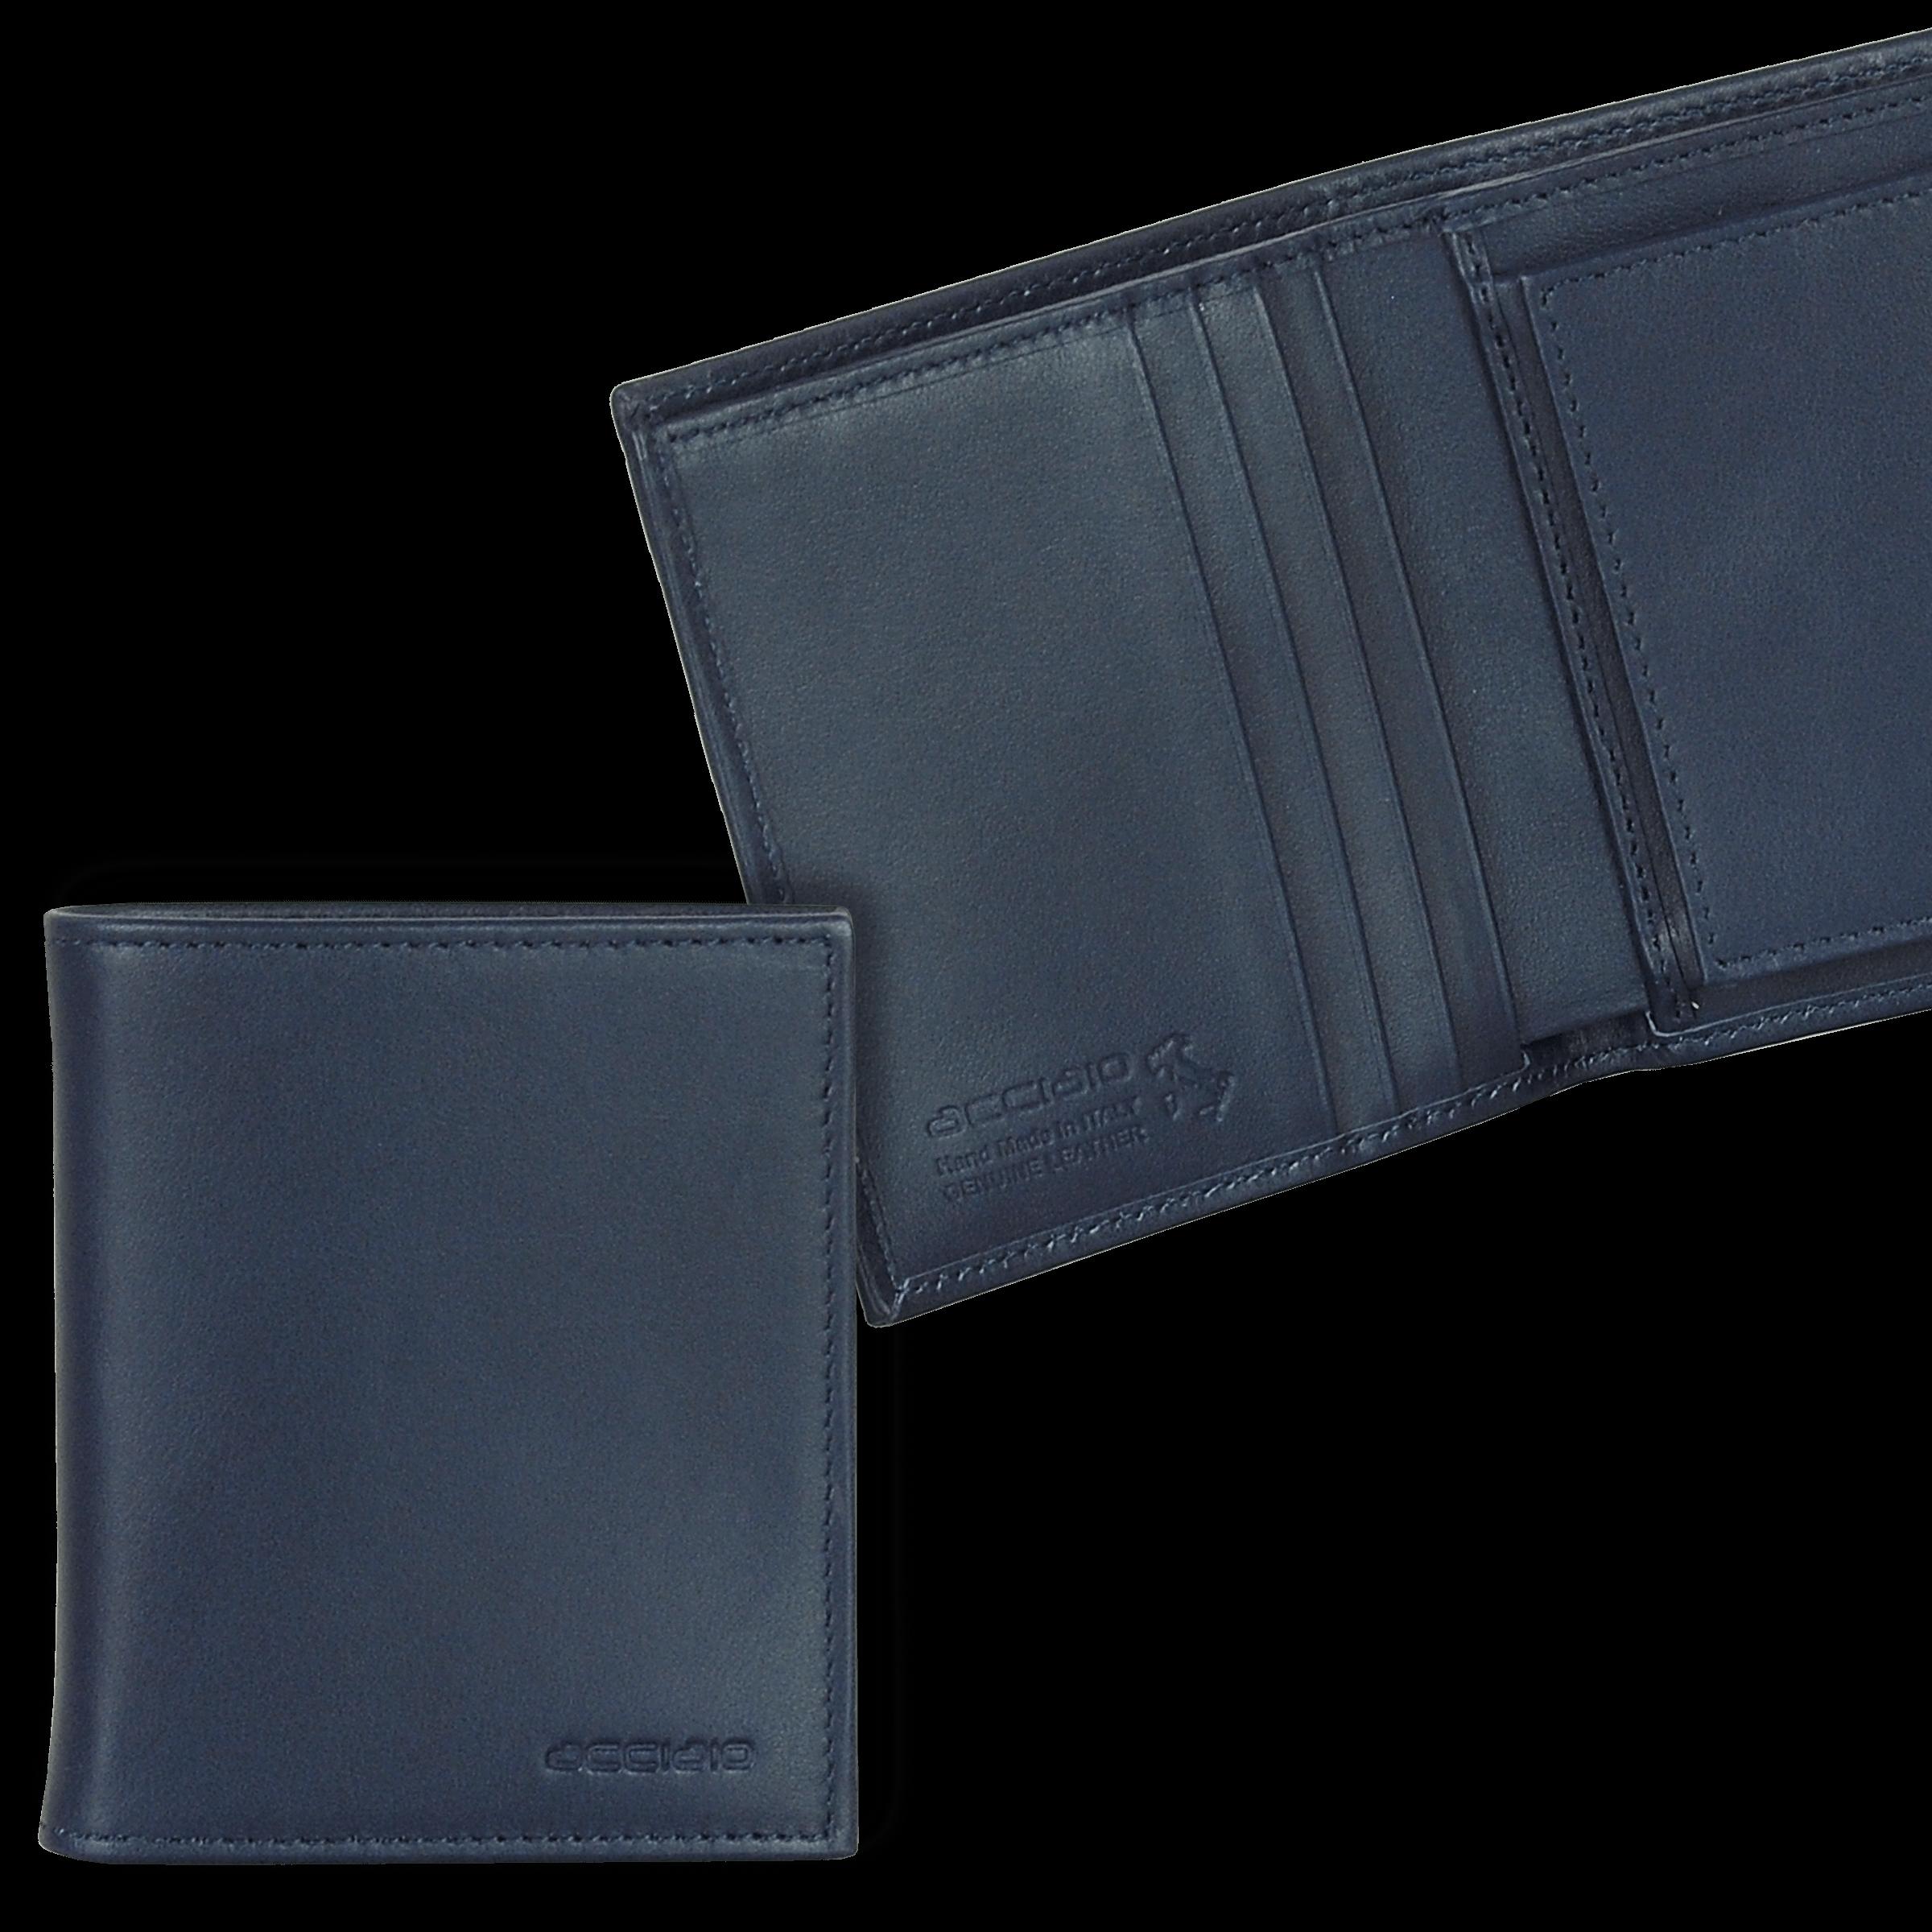 codice promozionale 99caa b3677 Portafoglio uomo Piccolo con Portamonete in pelle liscia | Acciaio®